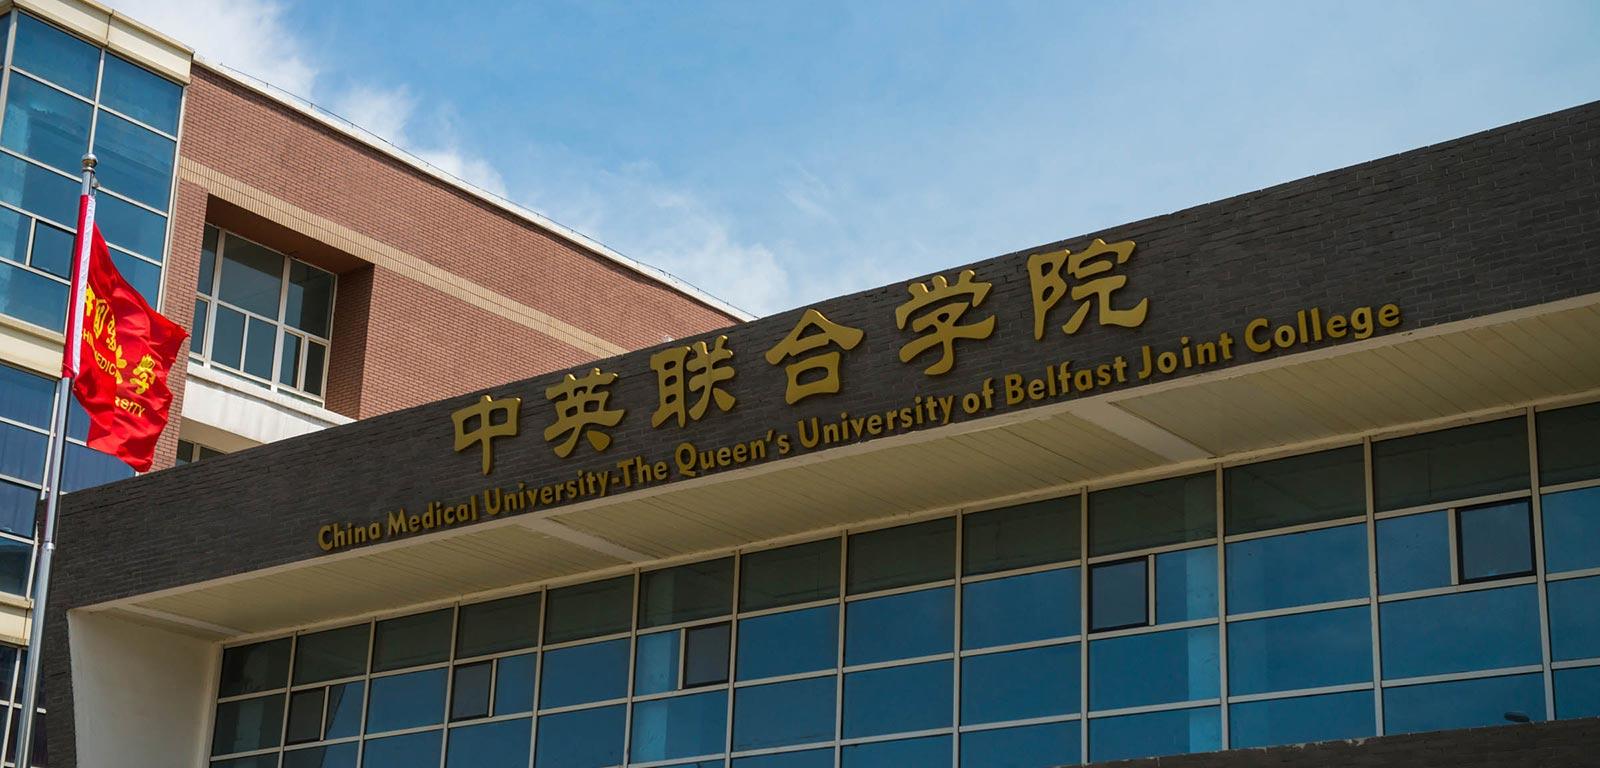 Features | CQC feature | International | Queen's University Belfast